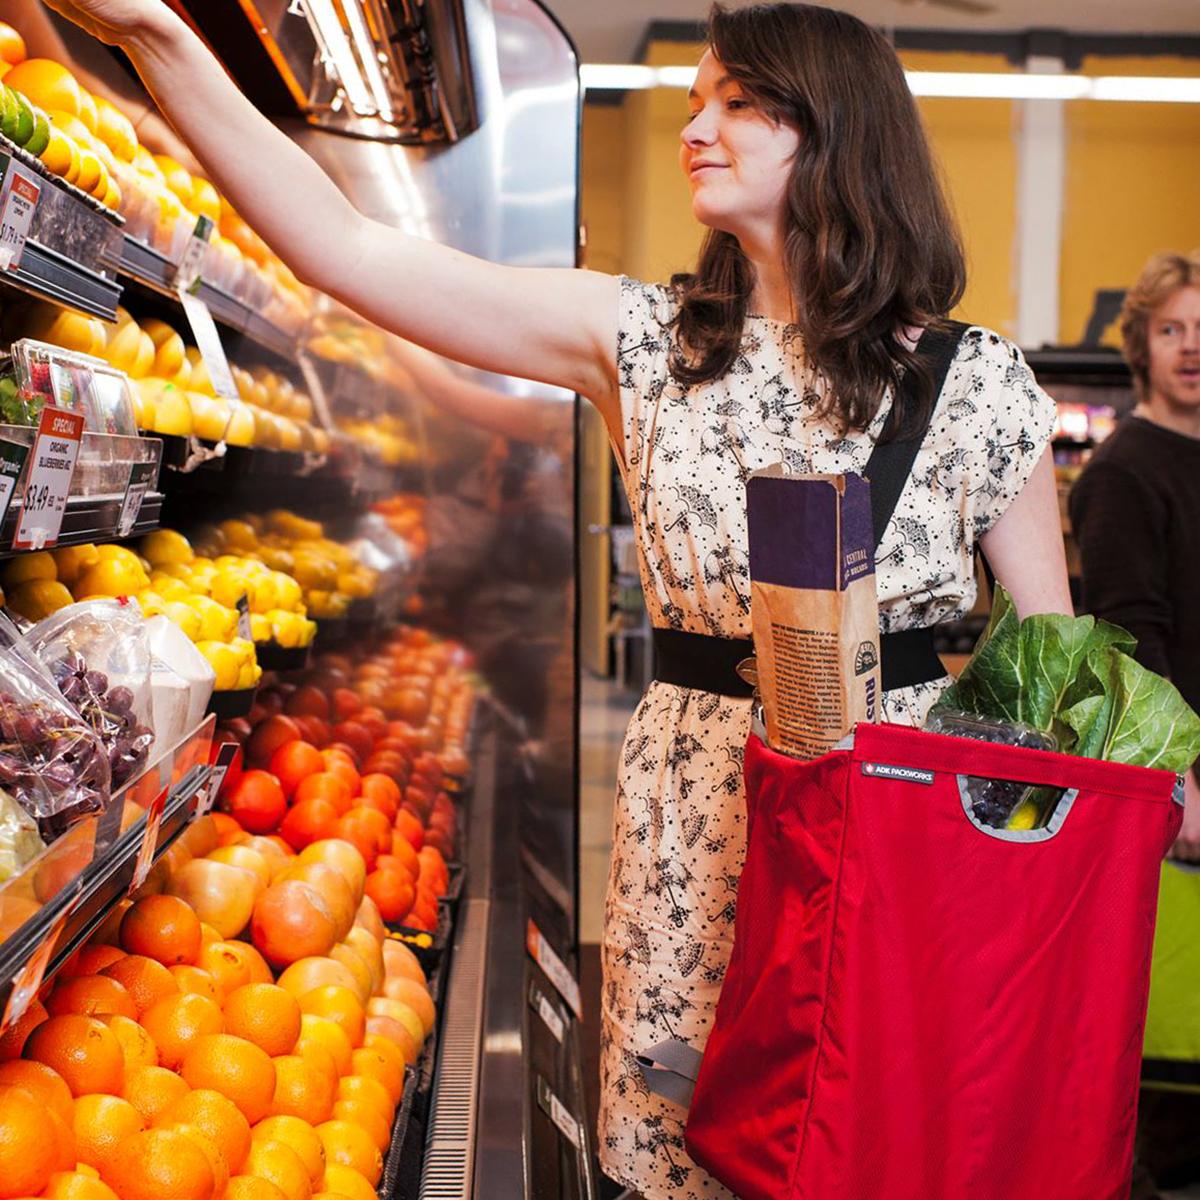 「箱型」のまま、自立できるエコバッグはめずらしいはず。たためる金属フレーム入り!自立するから、柔らかいパンや葉物野菜、花を潰さない「箱型エコバッグ」|ADK Packworks